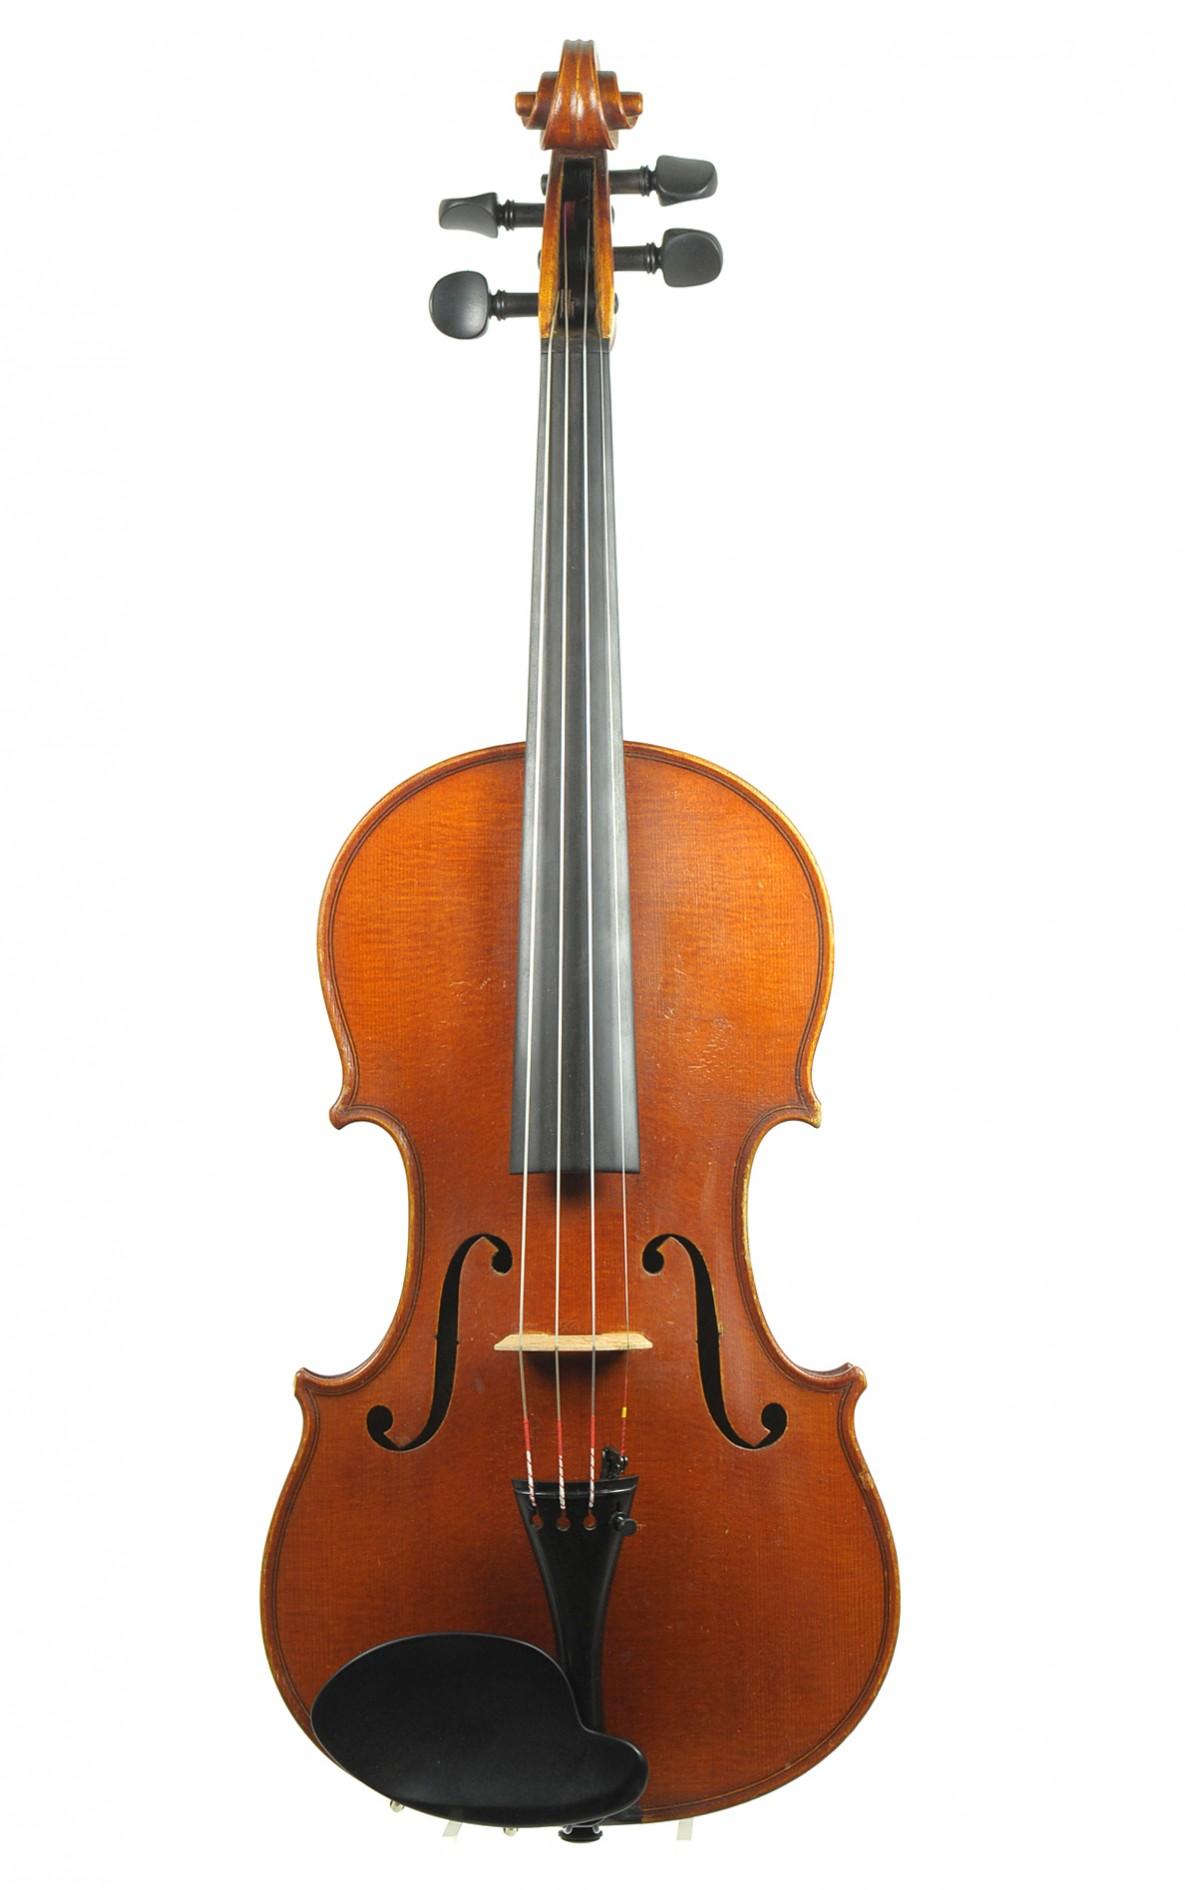 Markneukirchen violin by C. G. Schuster jun.